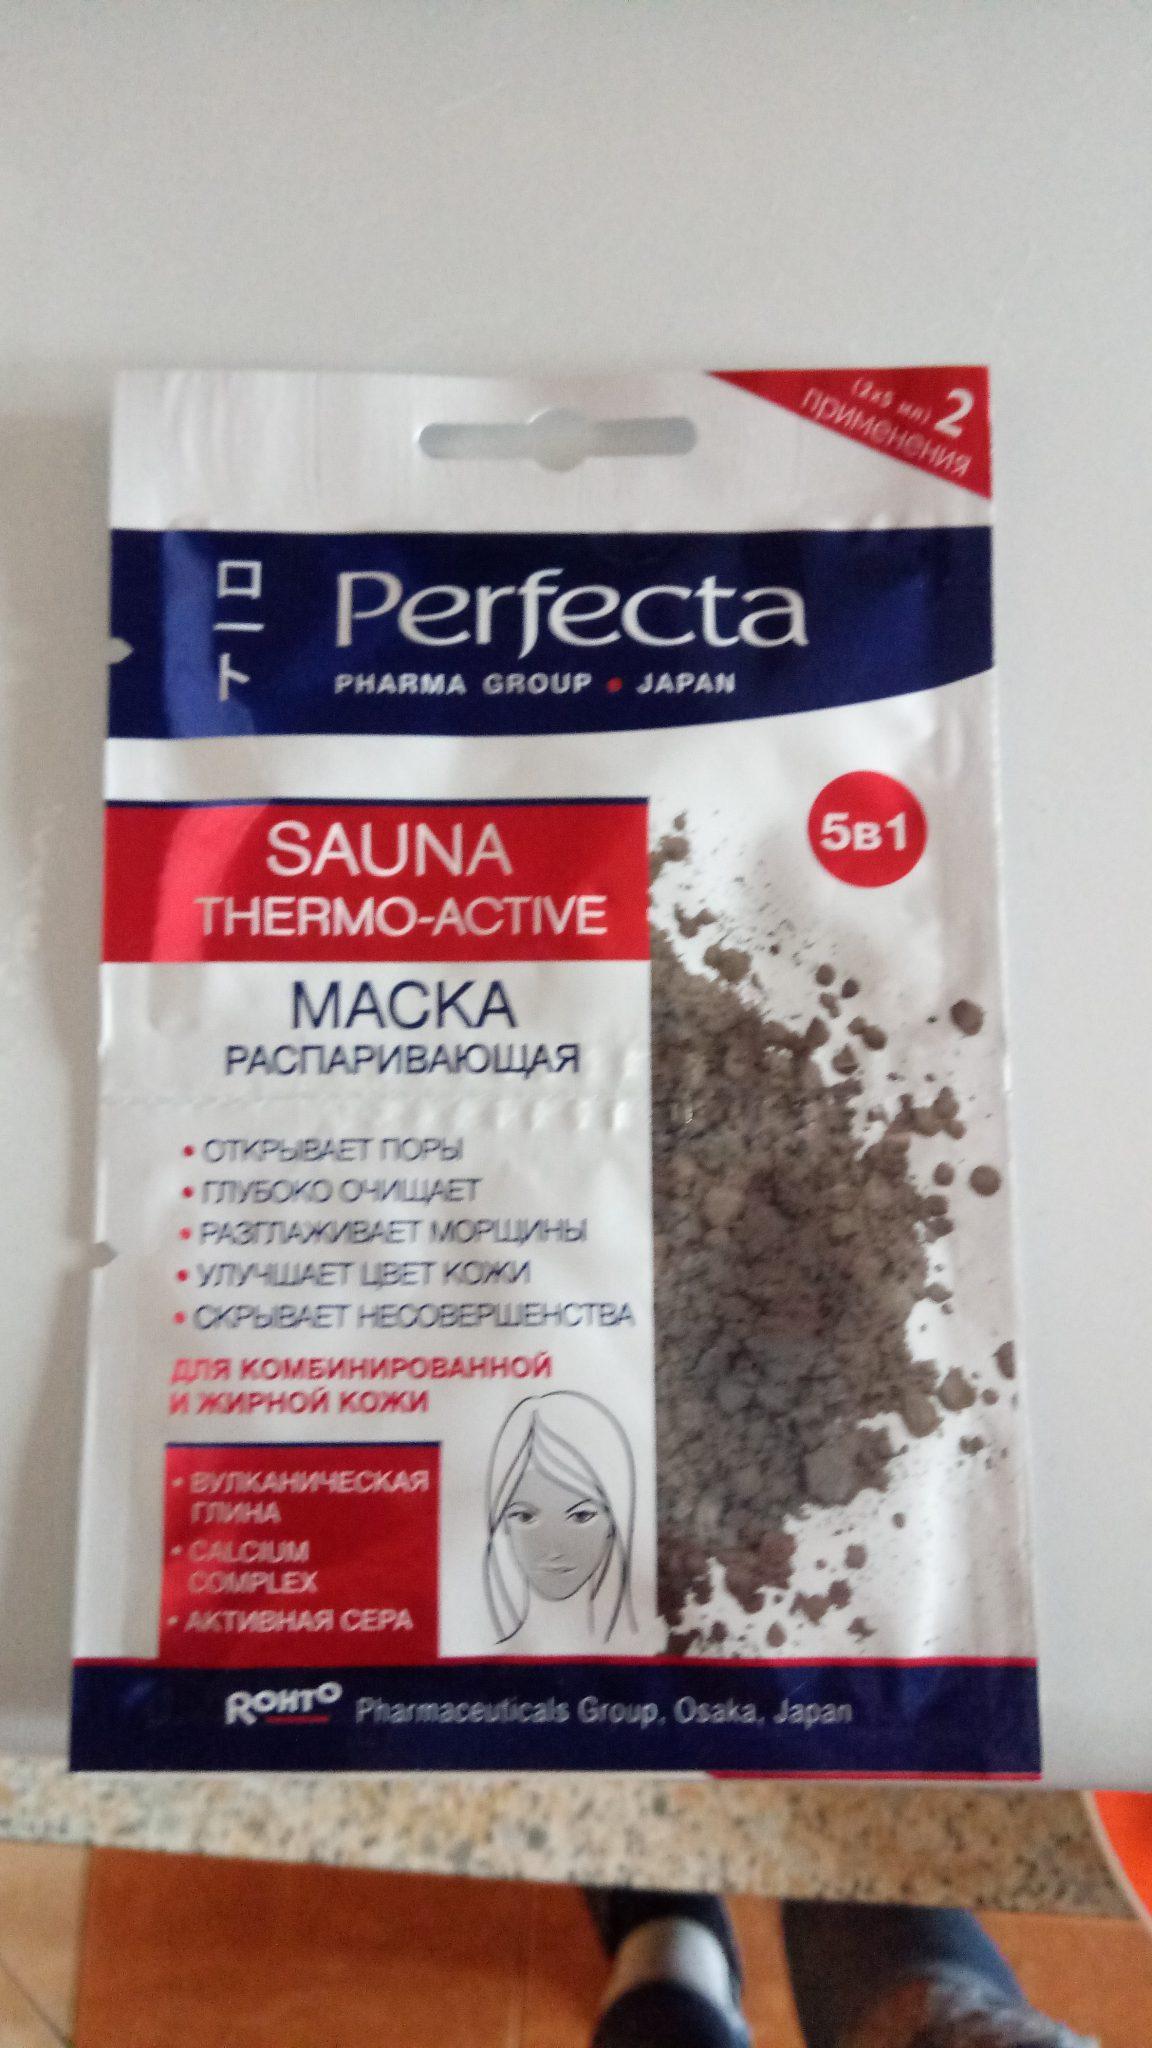 Маска для лица распаривающая Perfecta Sauna Thermo active.